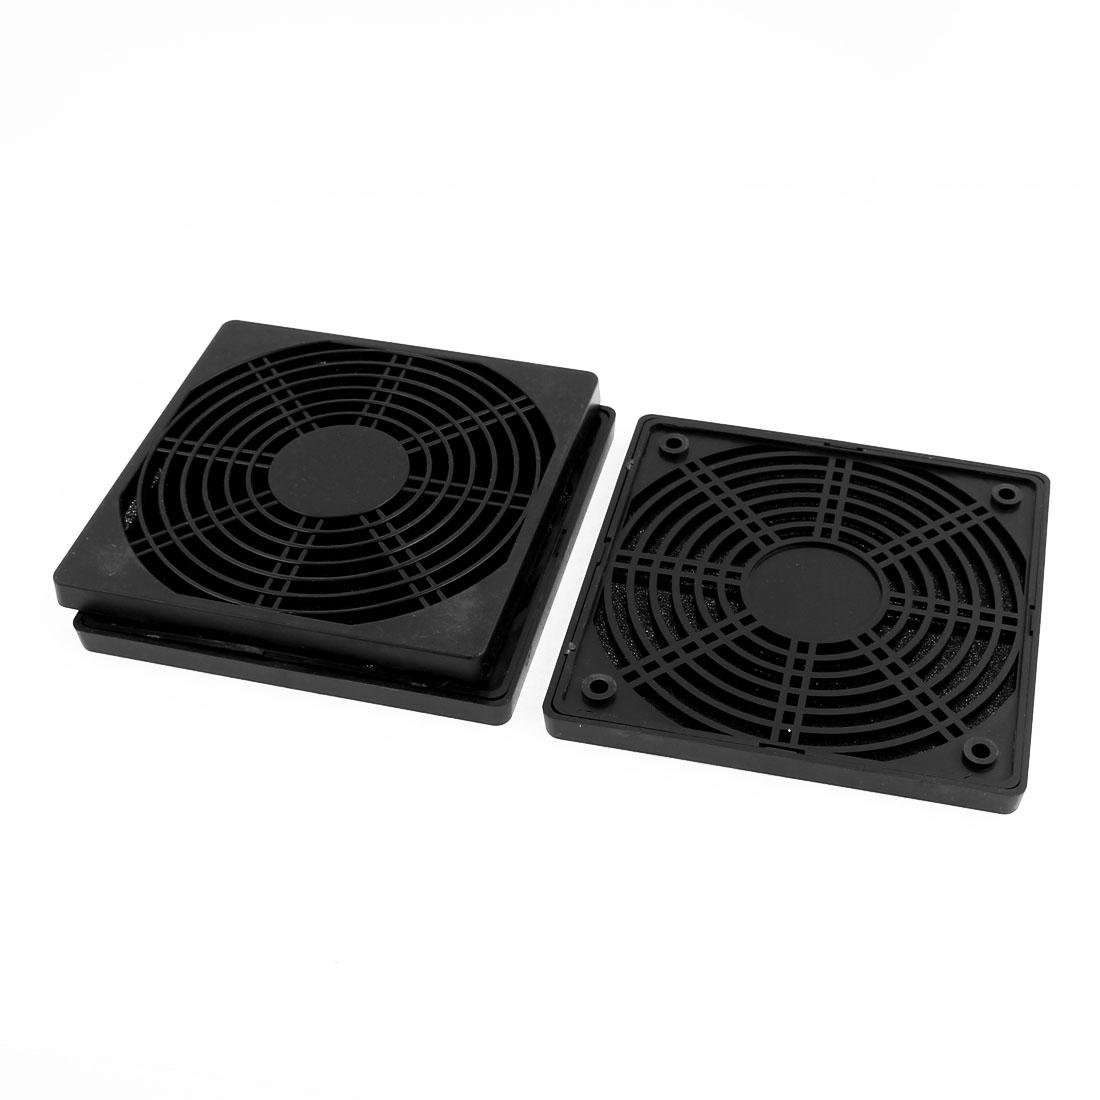 3pcs 139mm x 139mm Dustproof Case PC Computer Case Fan Dust Filter